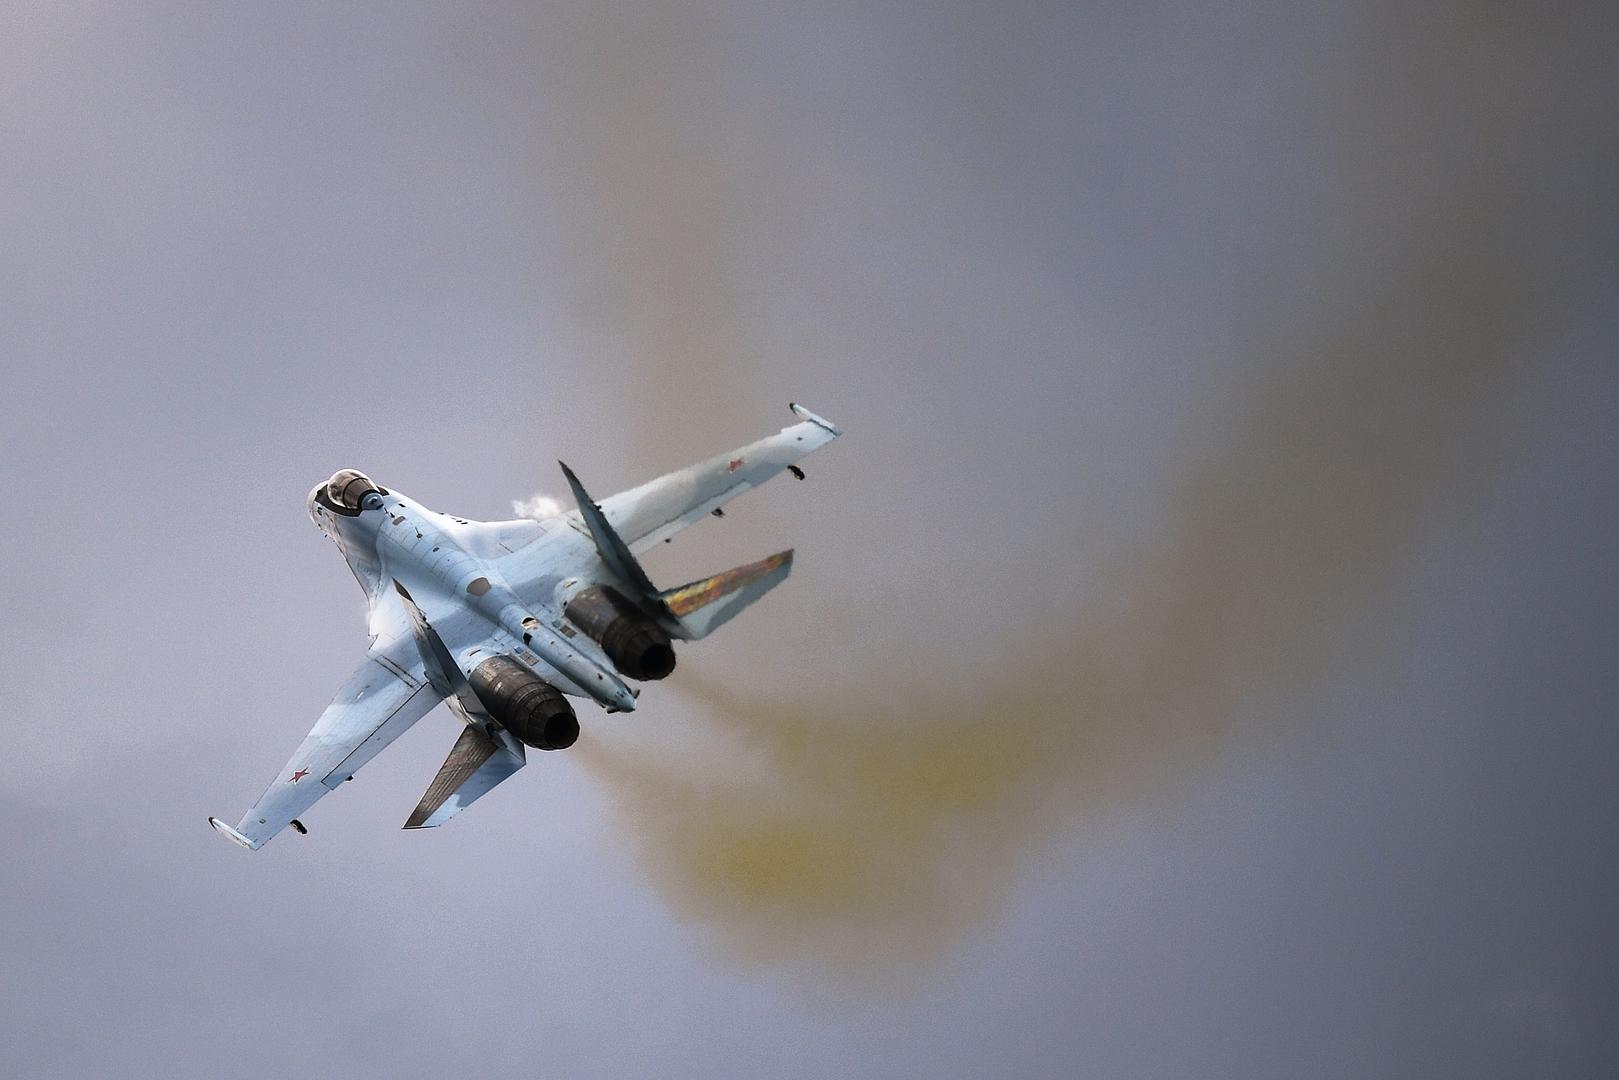 موسكو تصف تهديد واشنطن بفرض عقوبات على القاهرة إذا اشترت طائرة سو-35 بالسلوك العدواني